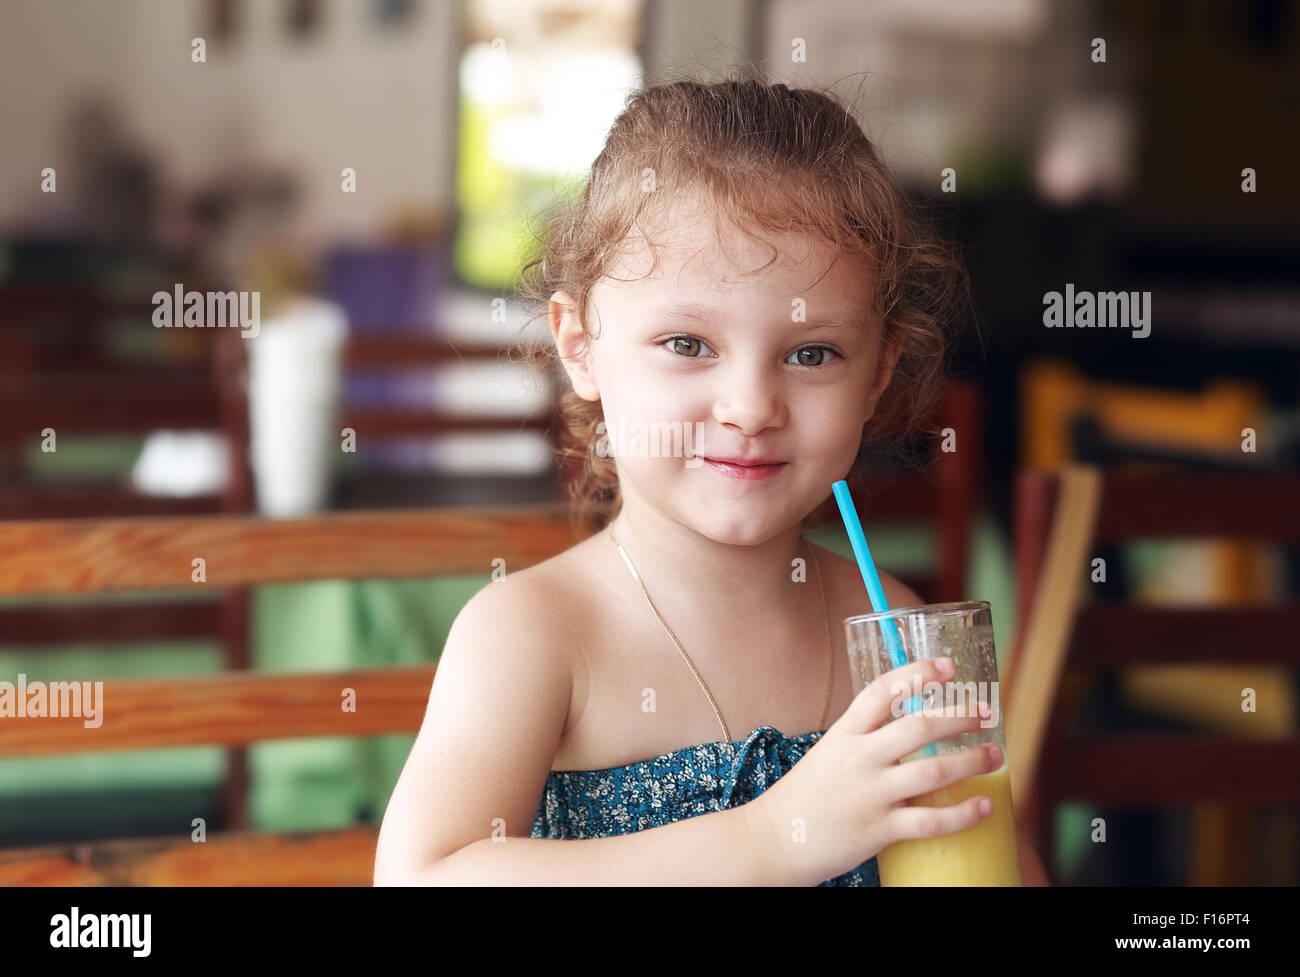 Feliz sonriente chico chica beber jugo fresco de vidrio en cafe Imagen De Stock